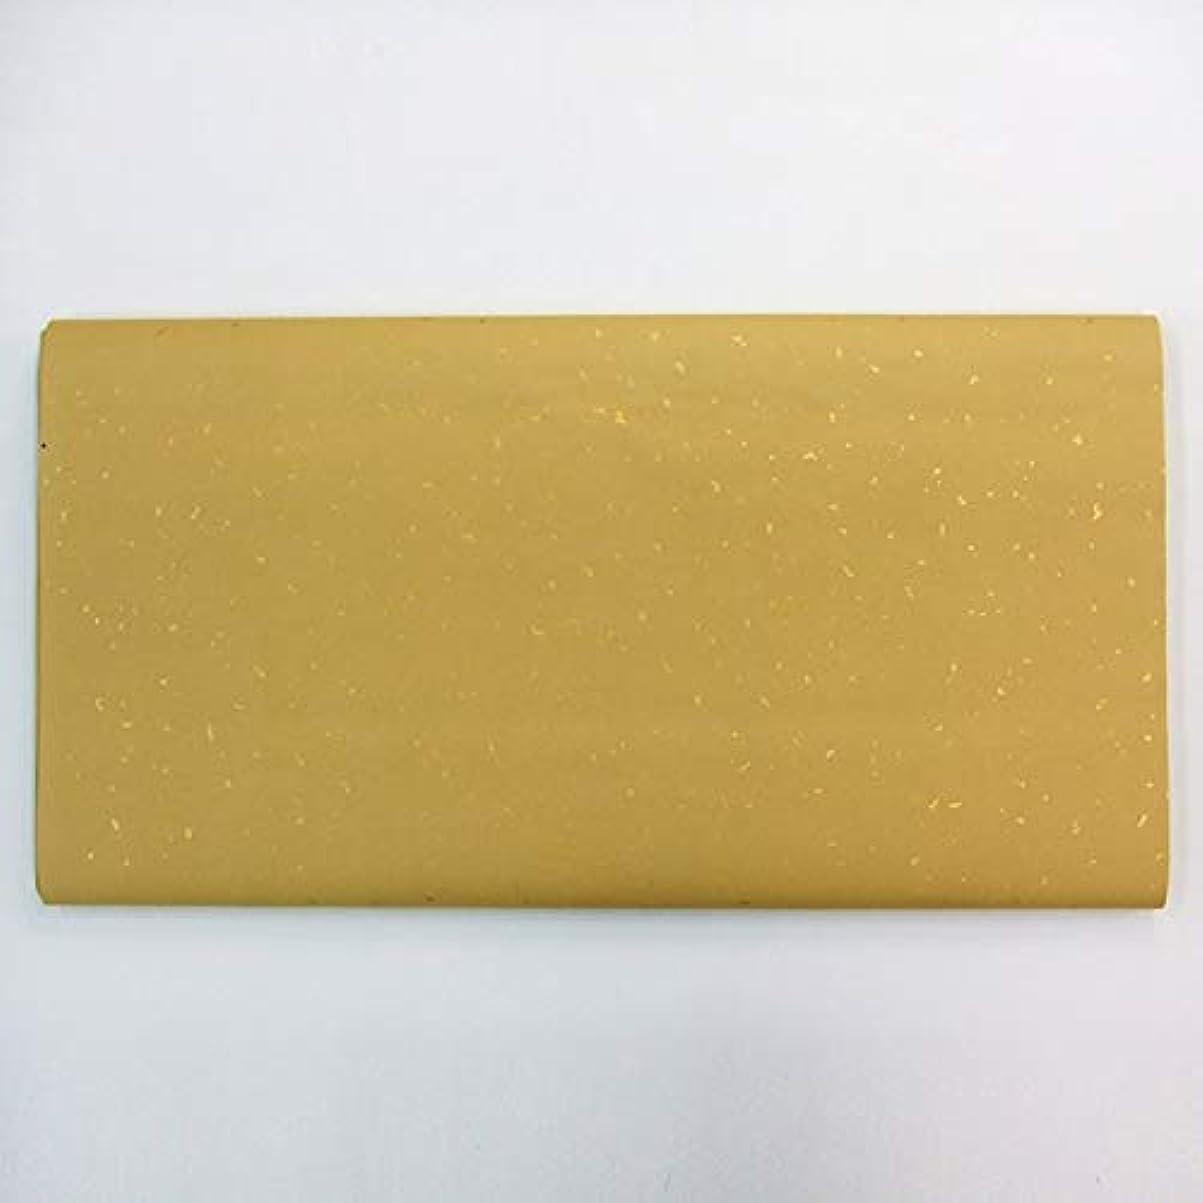 ホステス視聴者パケット1.75×7.5 万里 染 冷金 黄土 10枚 漢字用 加工紙